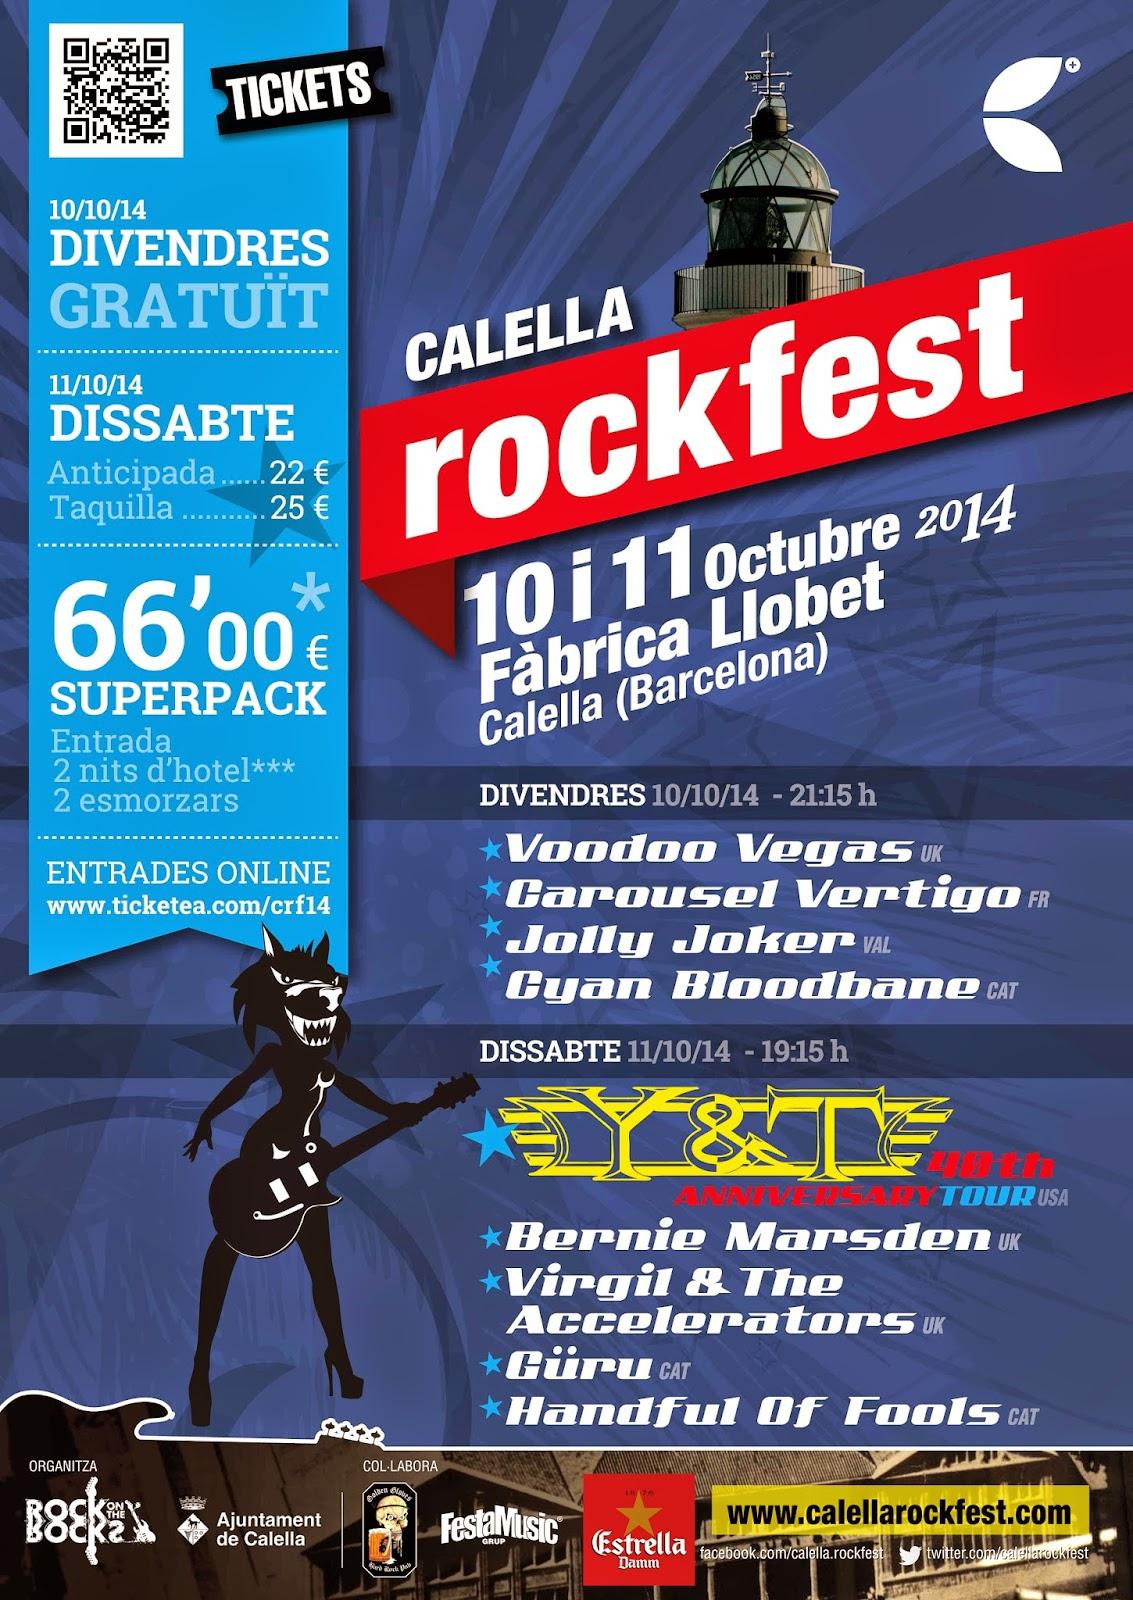 CALELLA ROCKFEST 10 Y 11 DE OCTUBRE